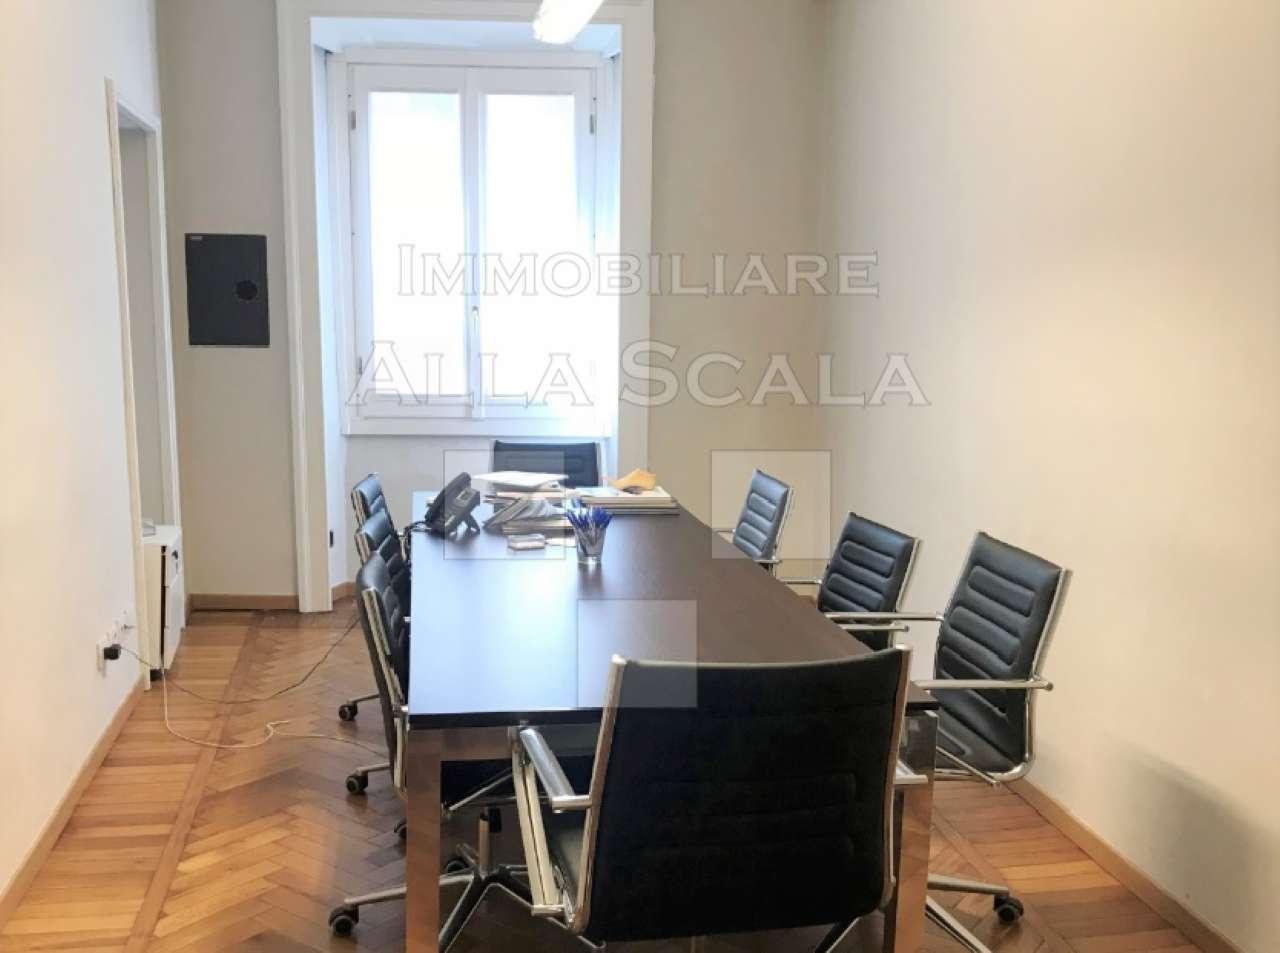 Ufficio-studio in Affitto a Milano 01 Centro storico (Cerchia dei Navigli):  4 locali, 100 mq  - Foto 1